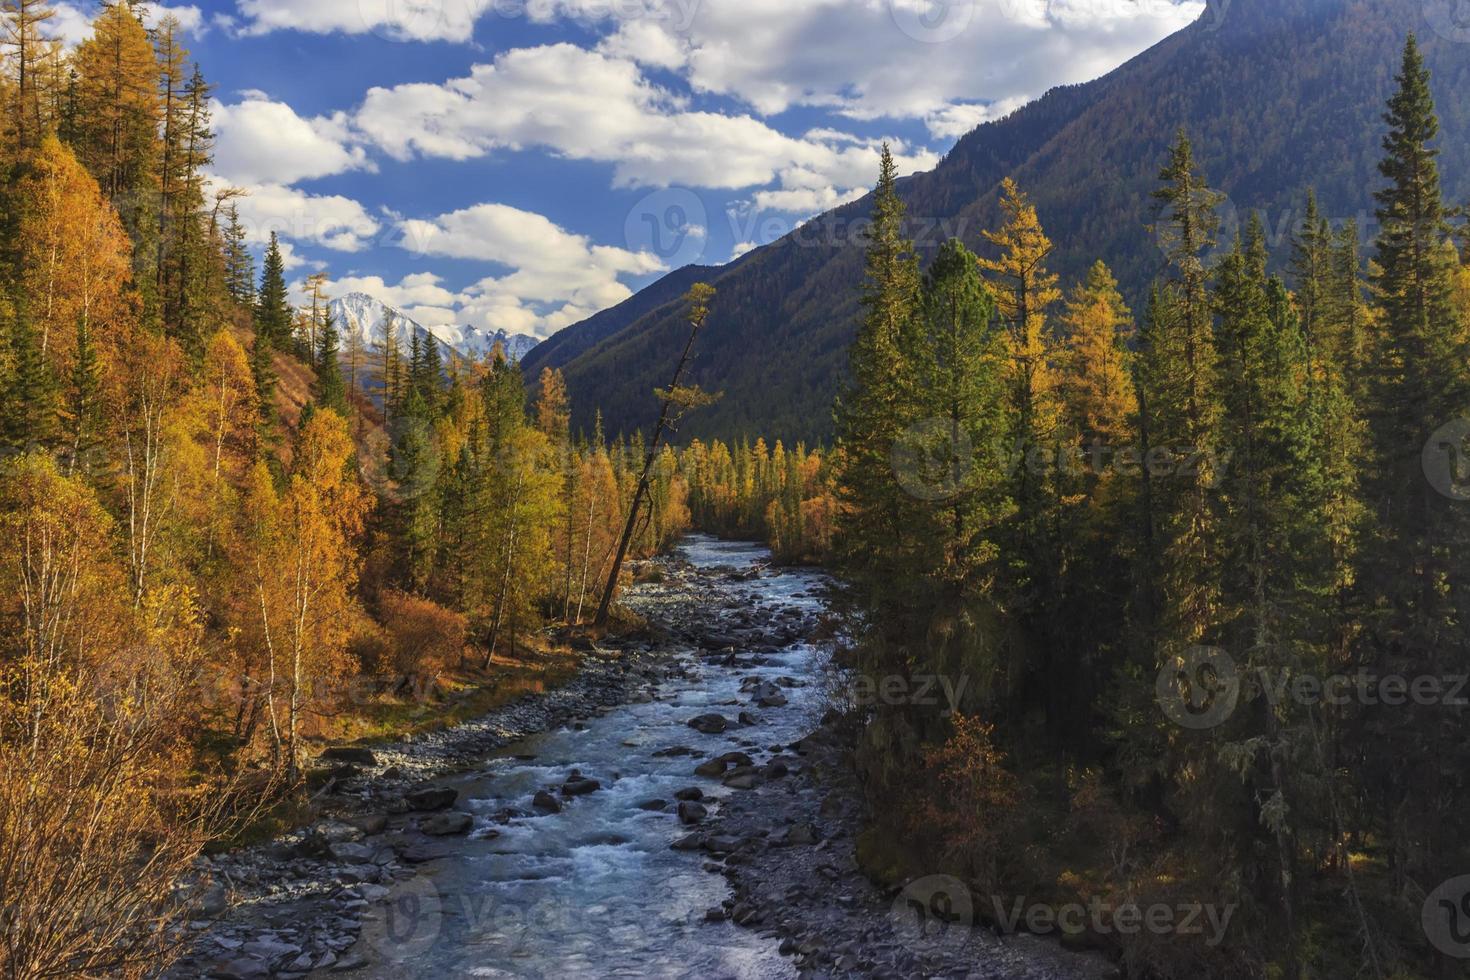 herfstlandschap met bergen, rivier en gele bomen. foto